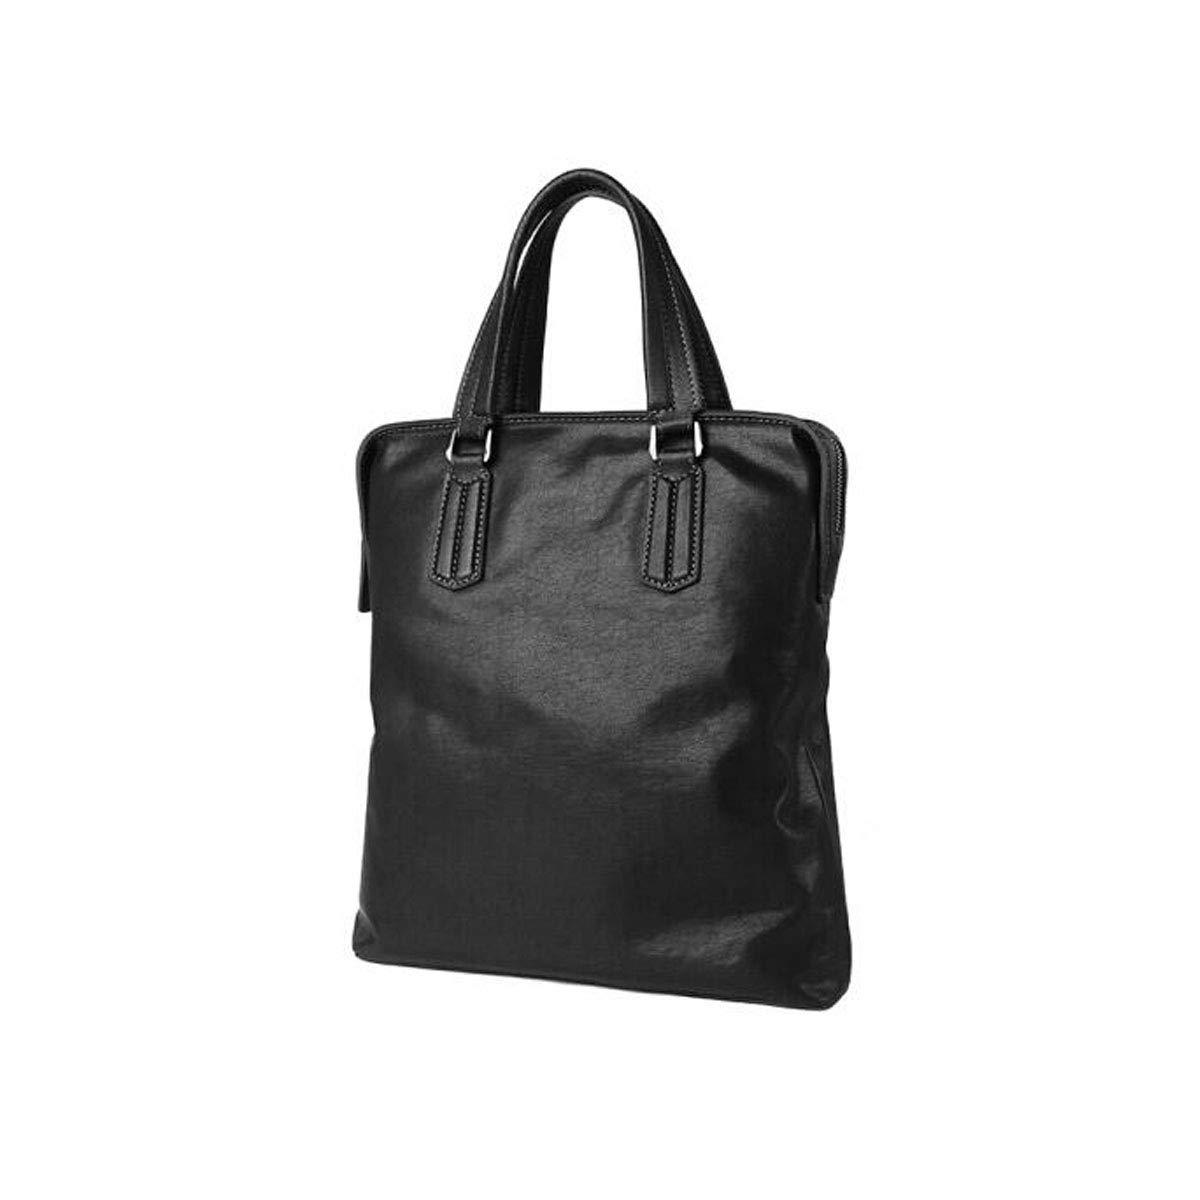 8haowenju ブリーフケース、ニューシンプルファッションメンズハンドバッグ、トップレザー縦型大容量コンピュータバッグ、ブラックサイズ:29.57.534cm  ブラック B07Q27DCVR